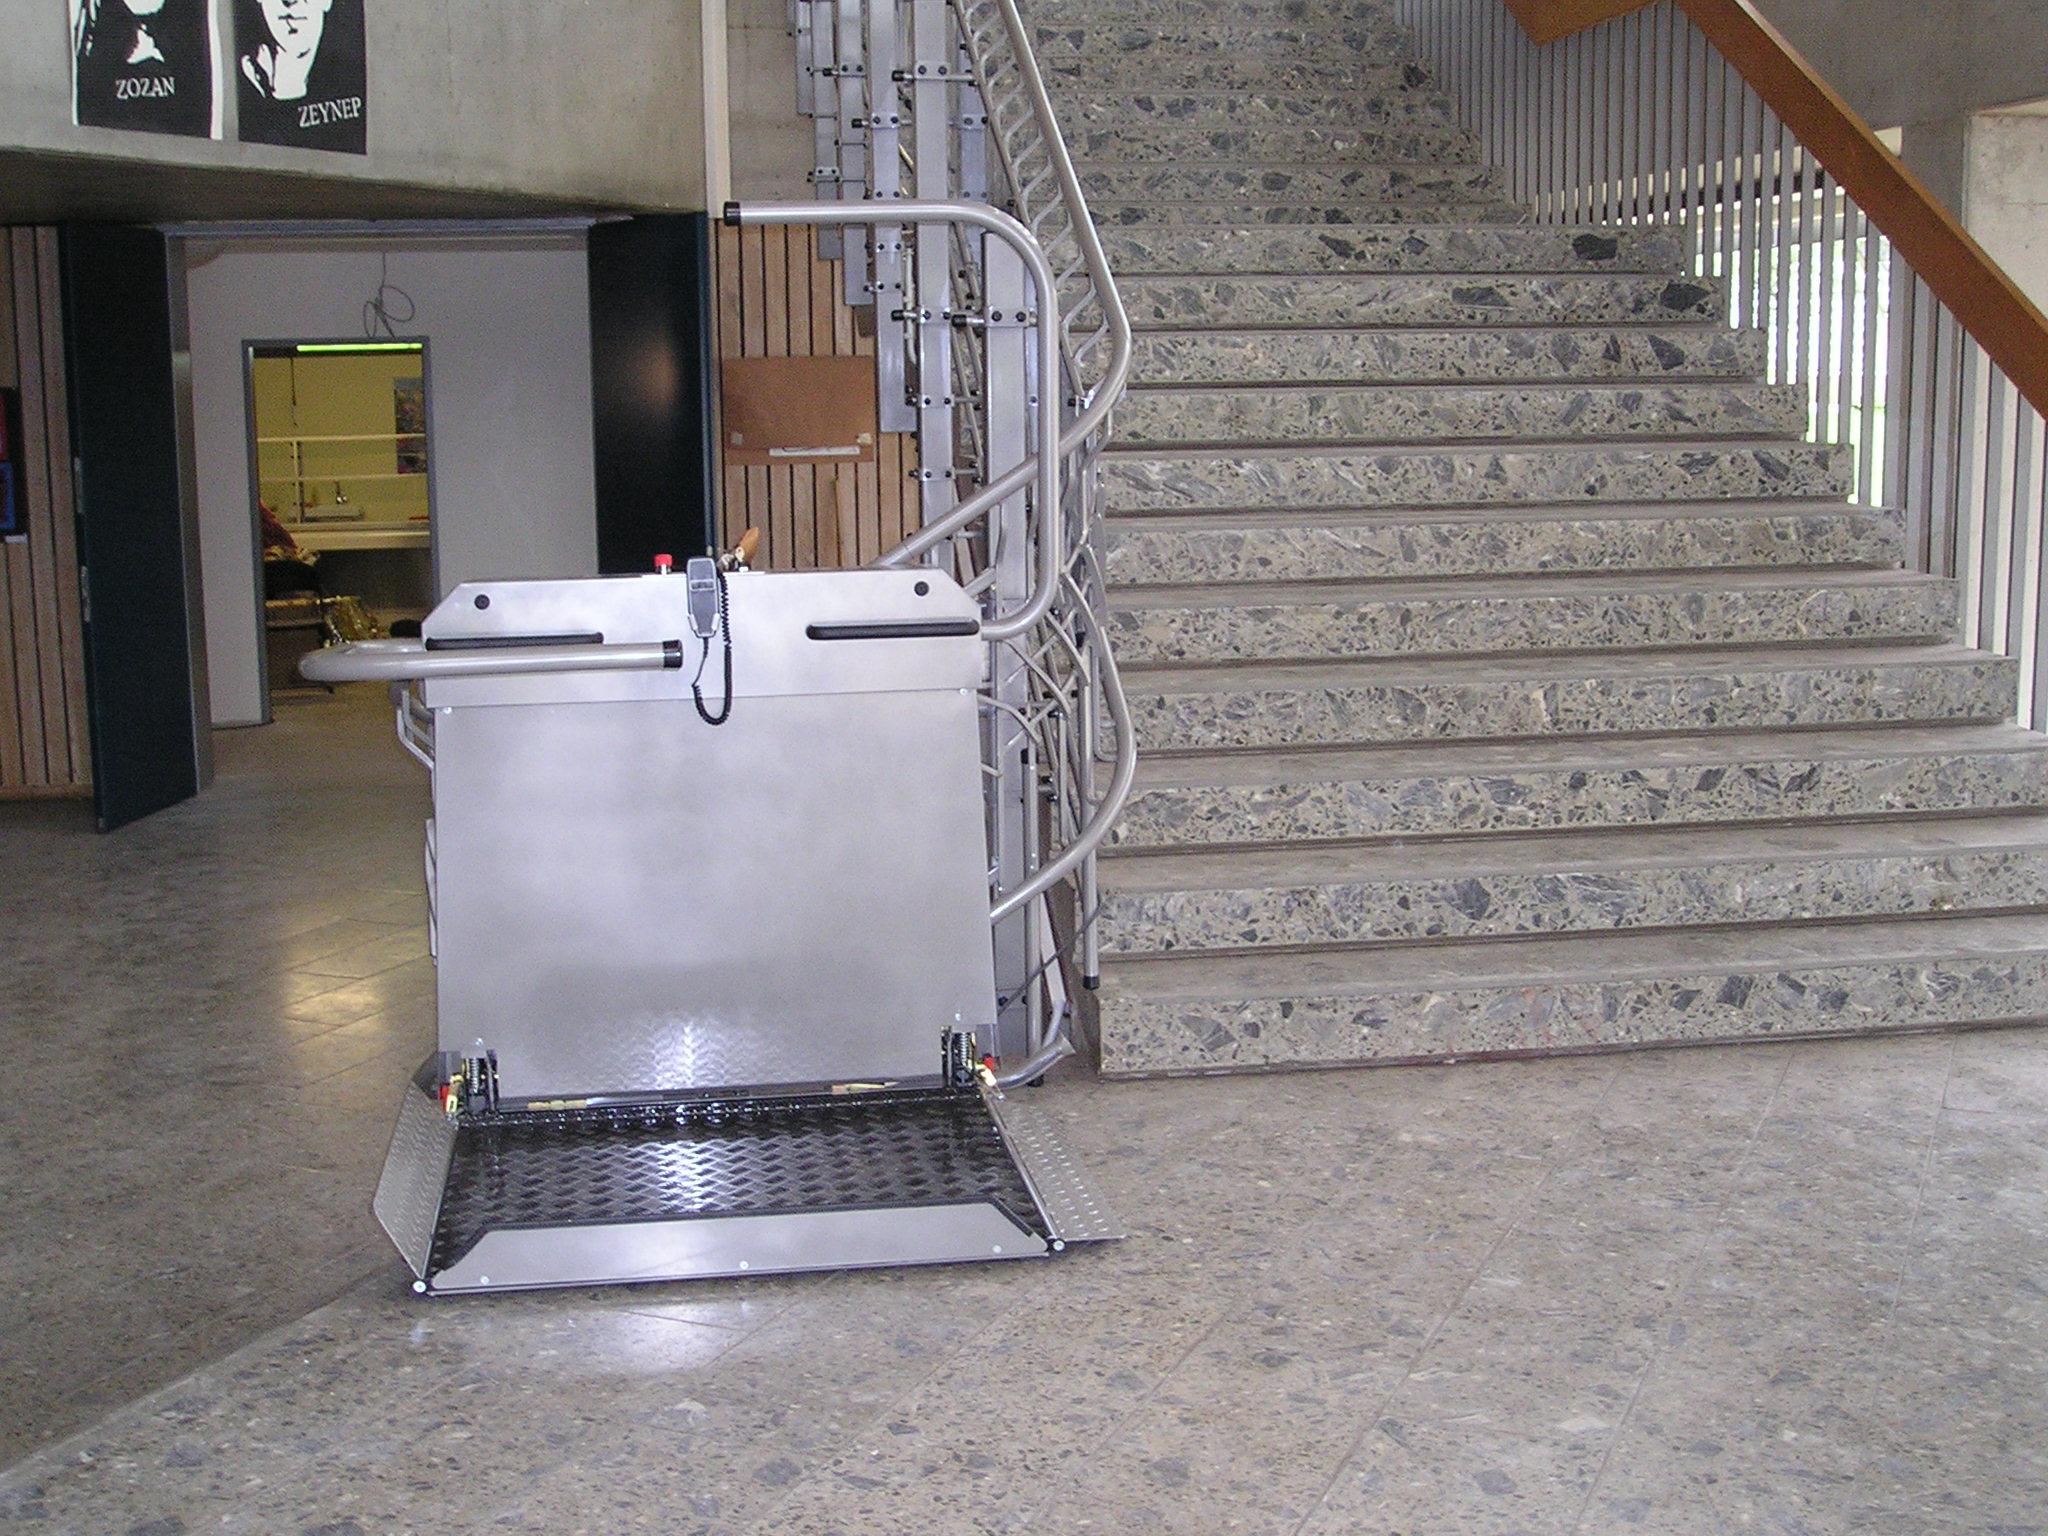 Plattformlift am Fuß einer Eingangshalle eines öffentlichen Gebäudes